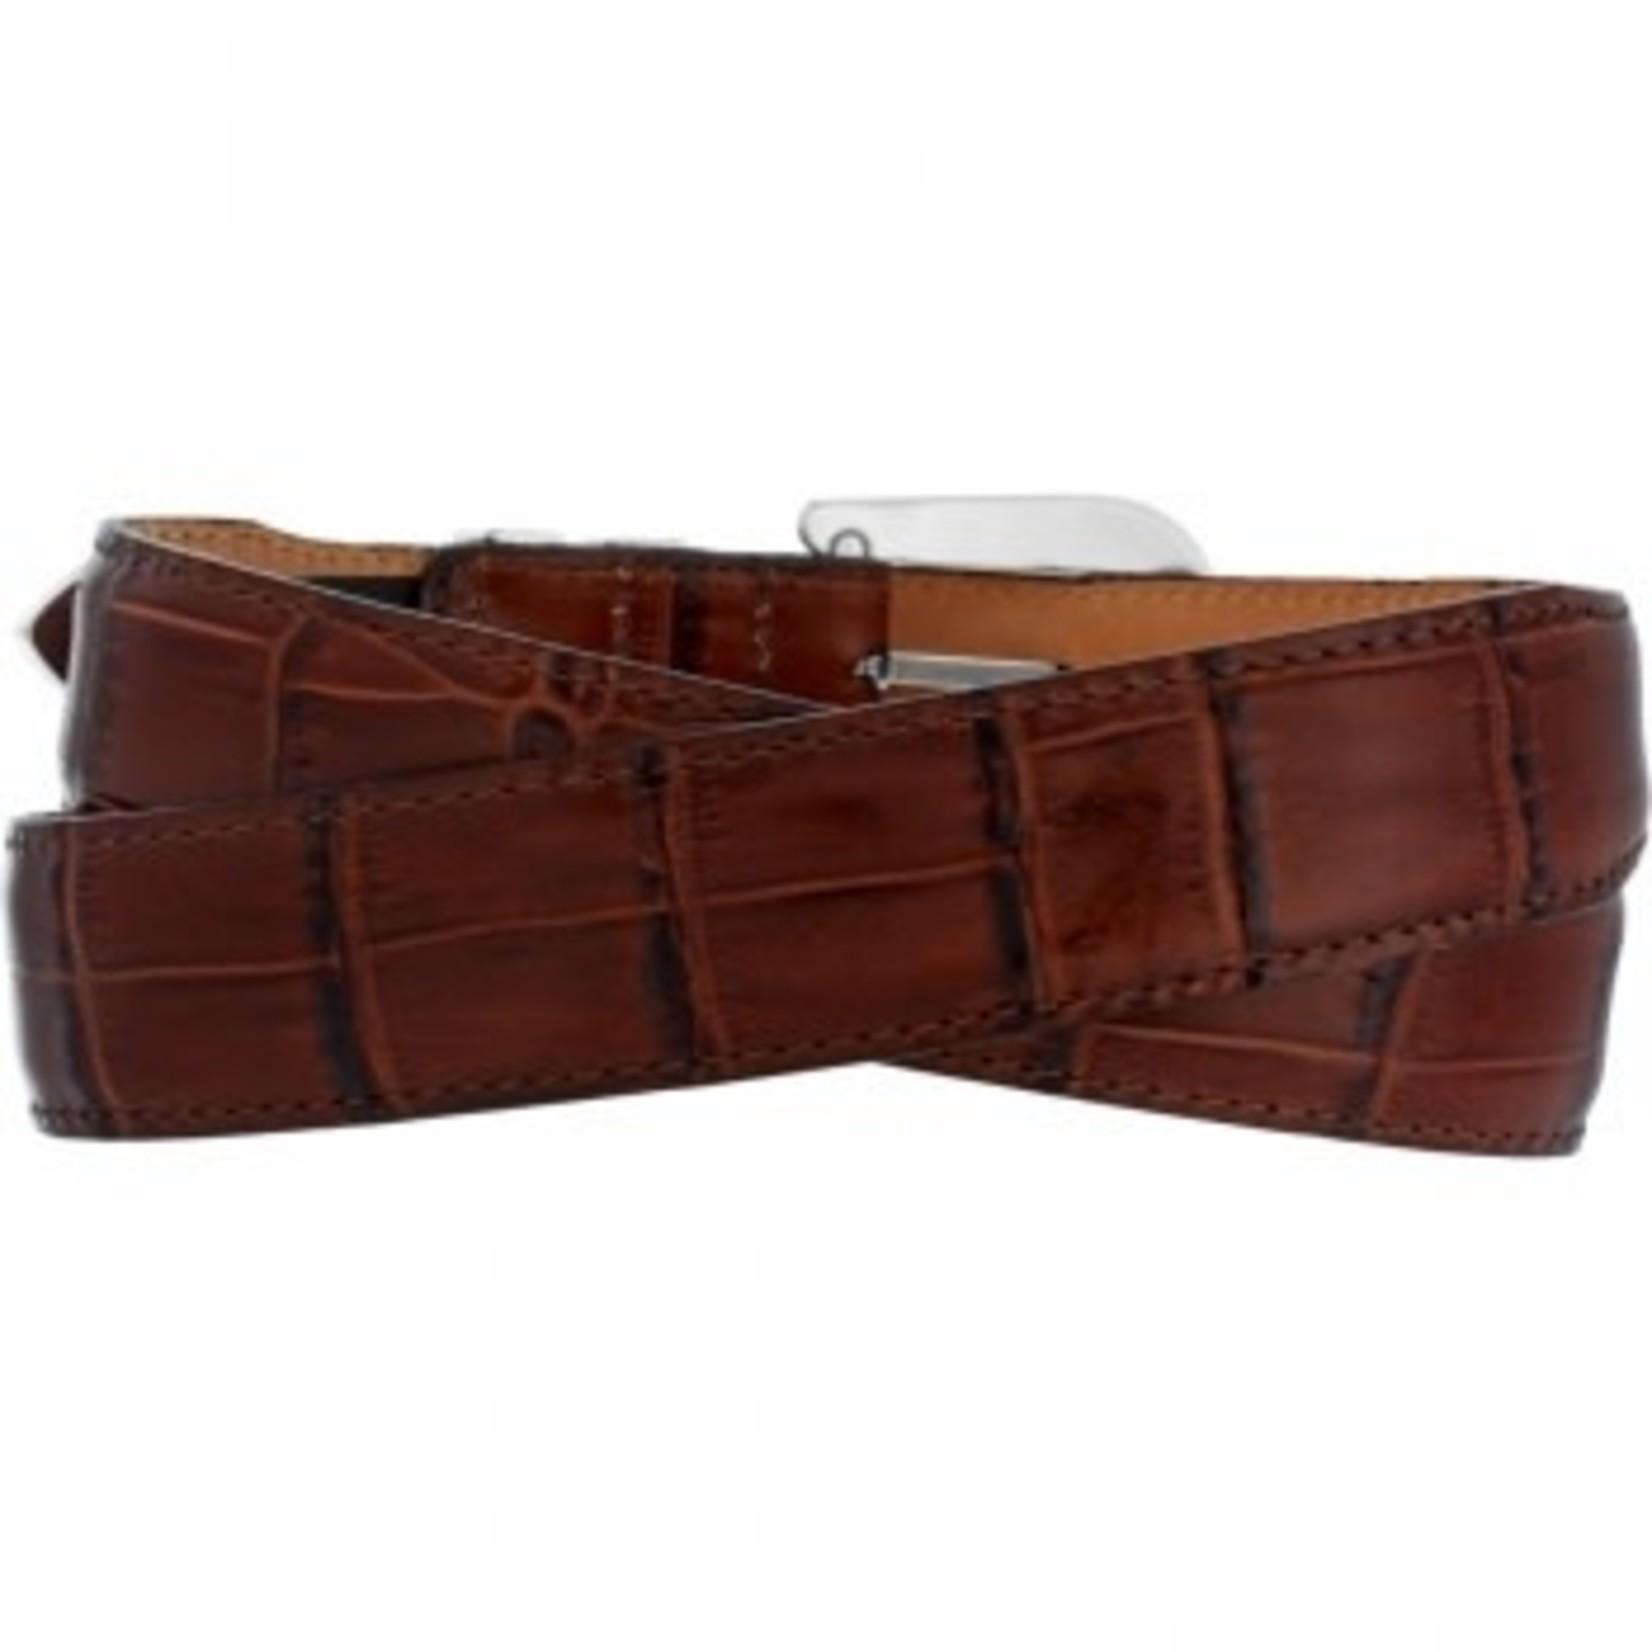 Brighton Catera Taper Crocodile Belt in Peanut Size 34